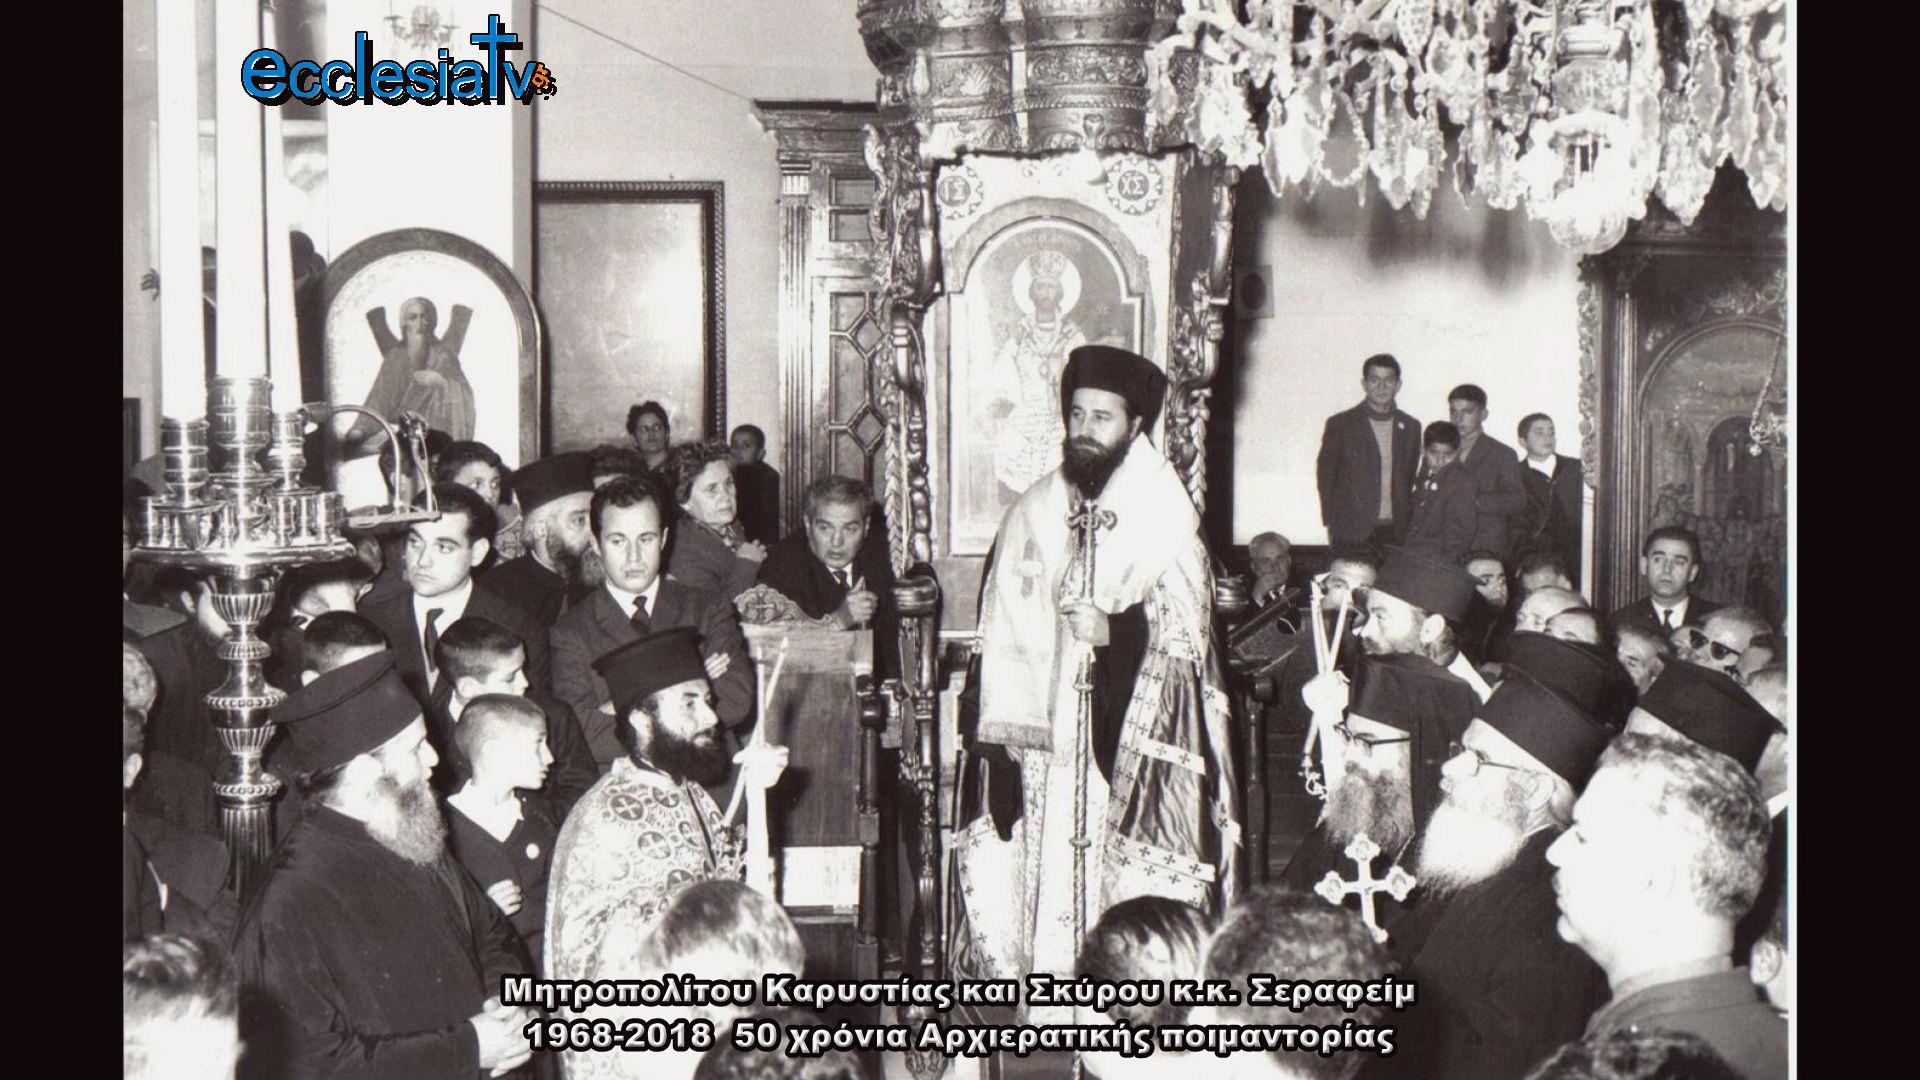 1968-2018 - 50 χρόνια Αρχιερατικής ποιμαντορίας του Μητροπολίτου Καρυστίας κ.κ. Σεραφείμ